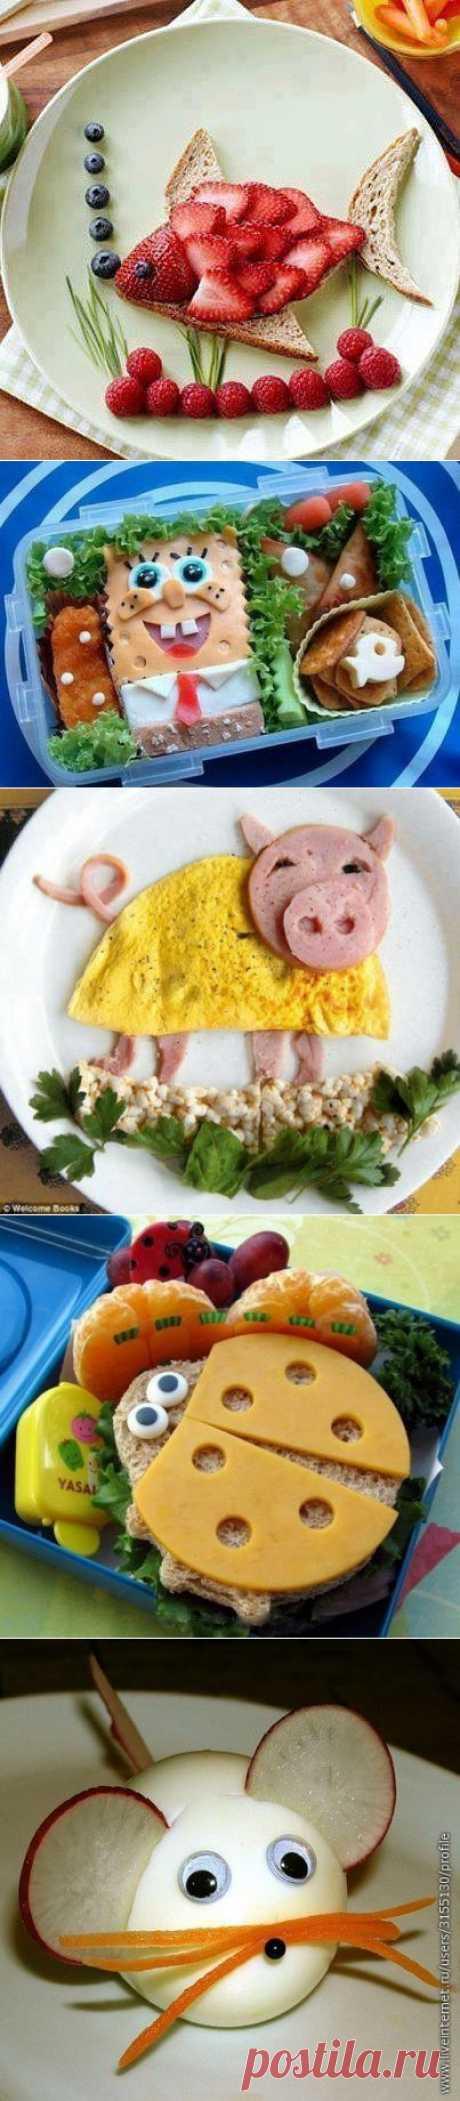 Кулинарные идеи: веселый завтрак для детей. Пробуем повторить!